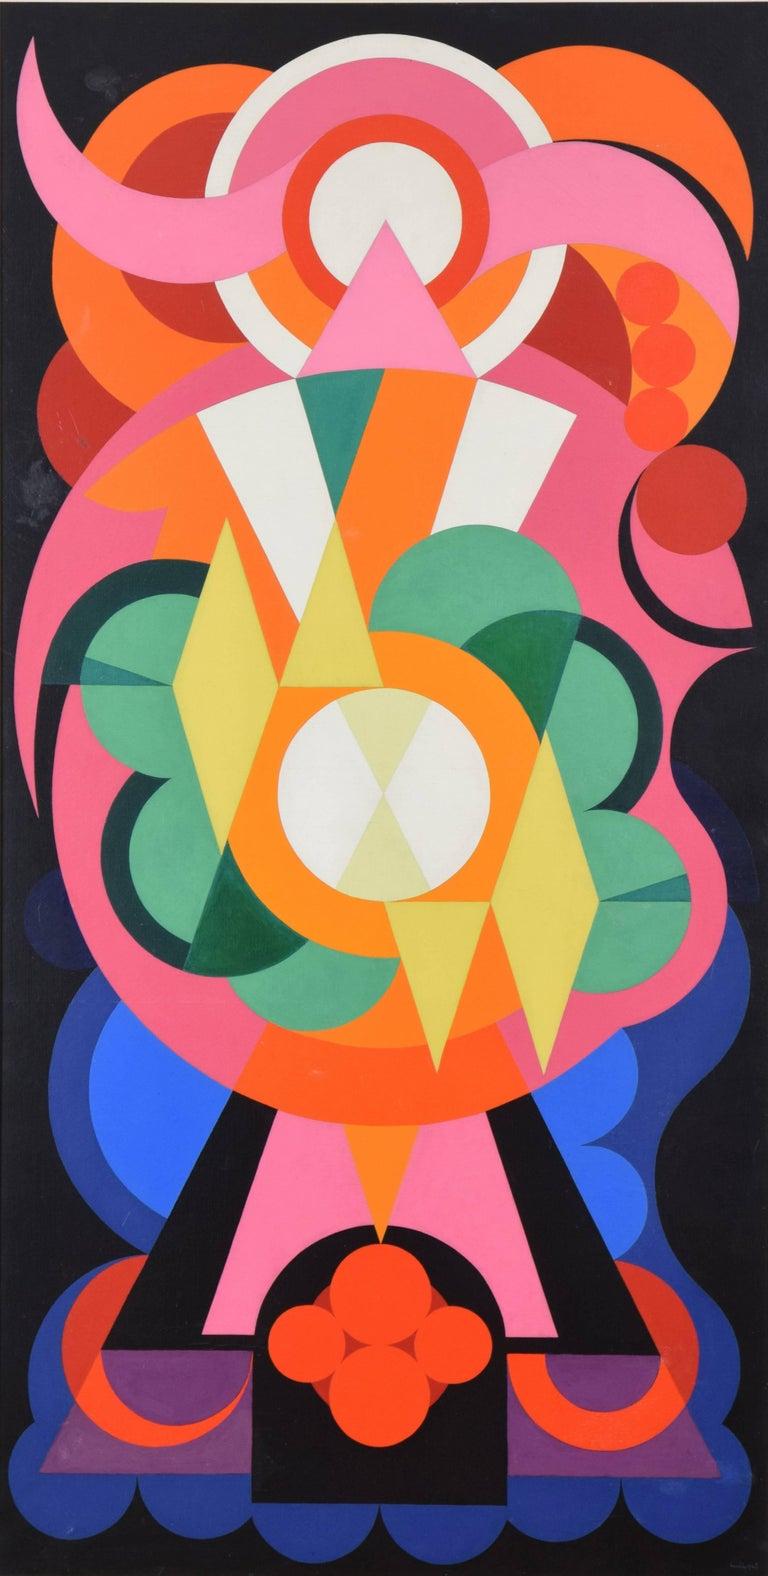 Auguste Herbin Abstract Painting - Composition sur les Noms Communs: Ange, Lion, Fauvette